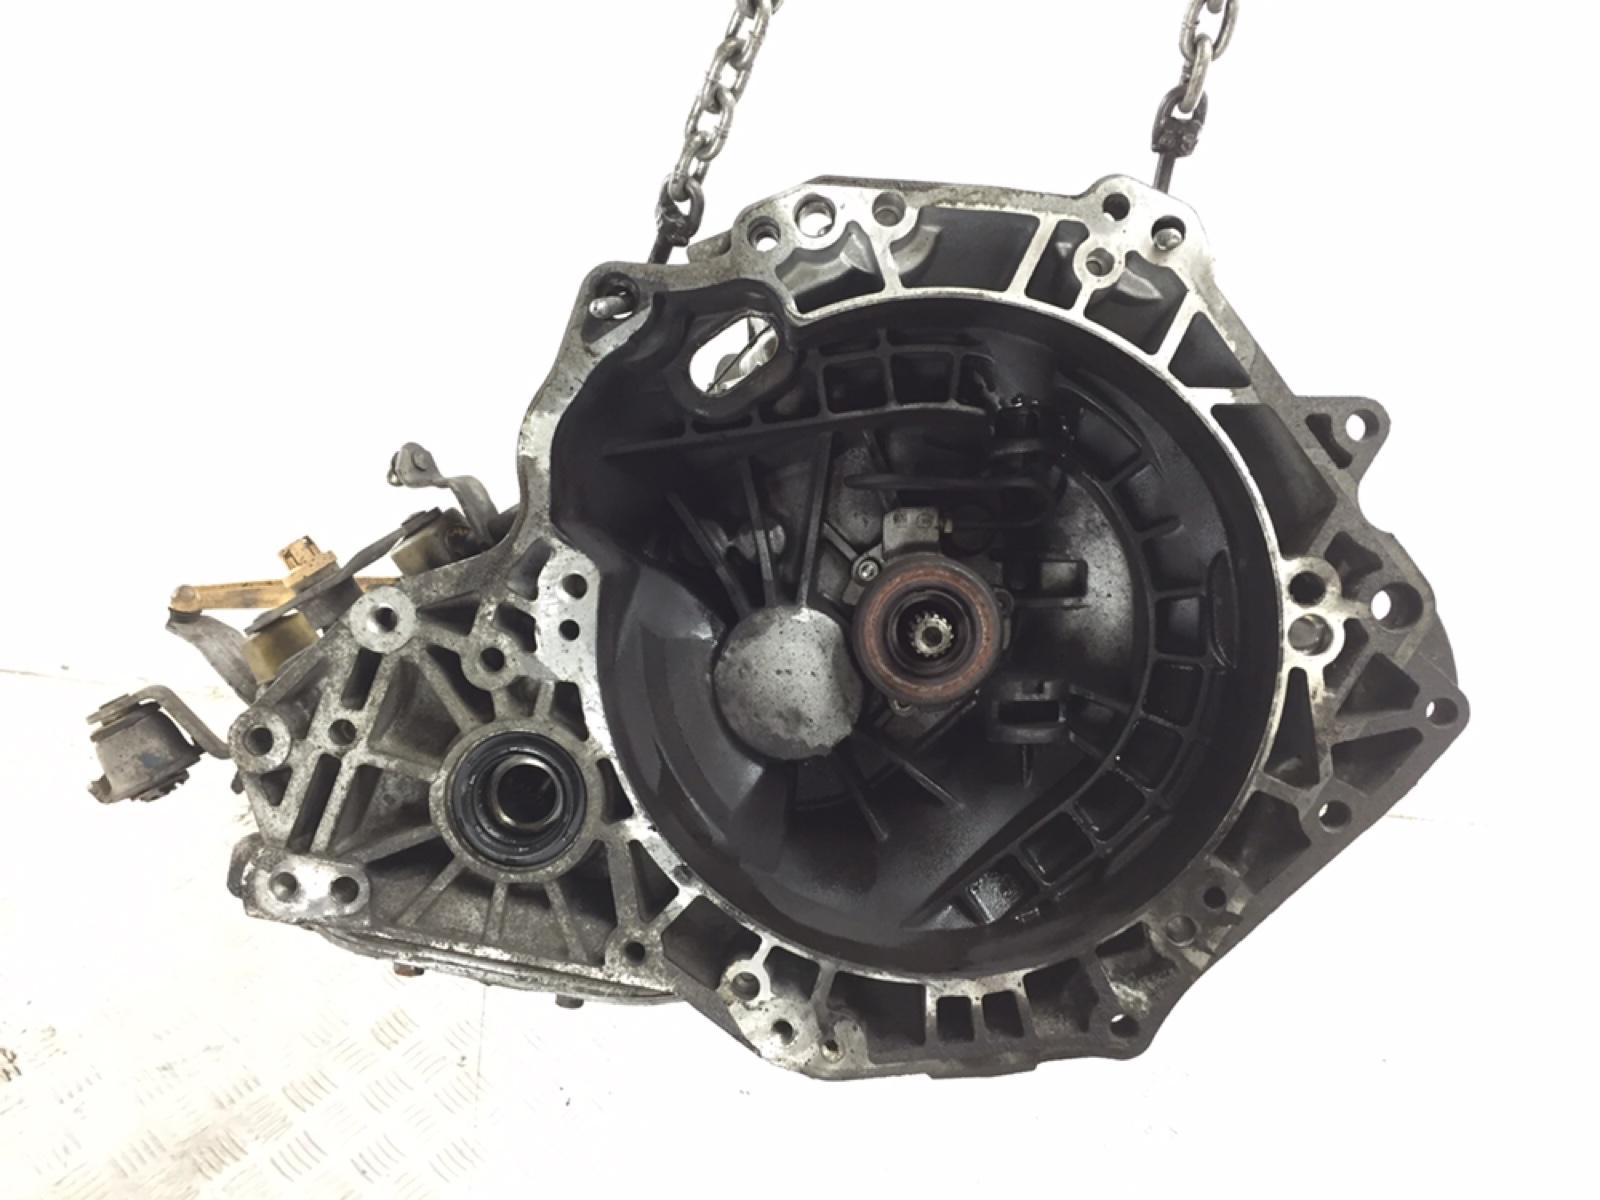 Кпп механическая (мкпп) Opel Corsa D 1.3 CDTI 2010 (б/у)